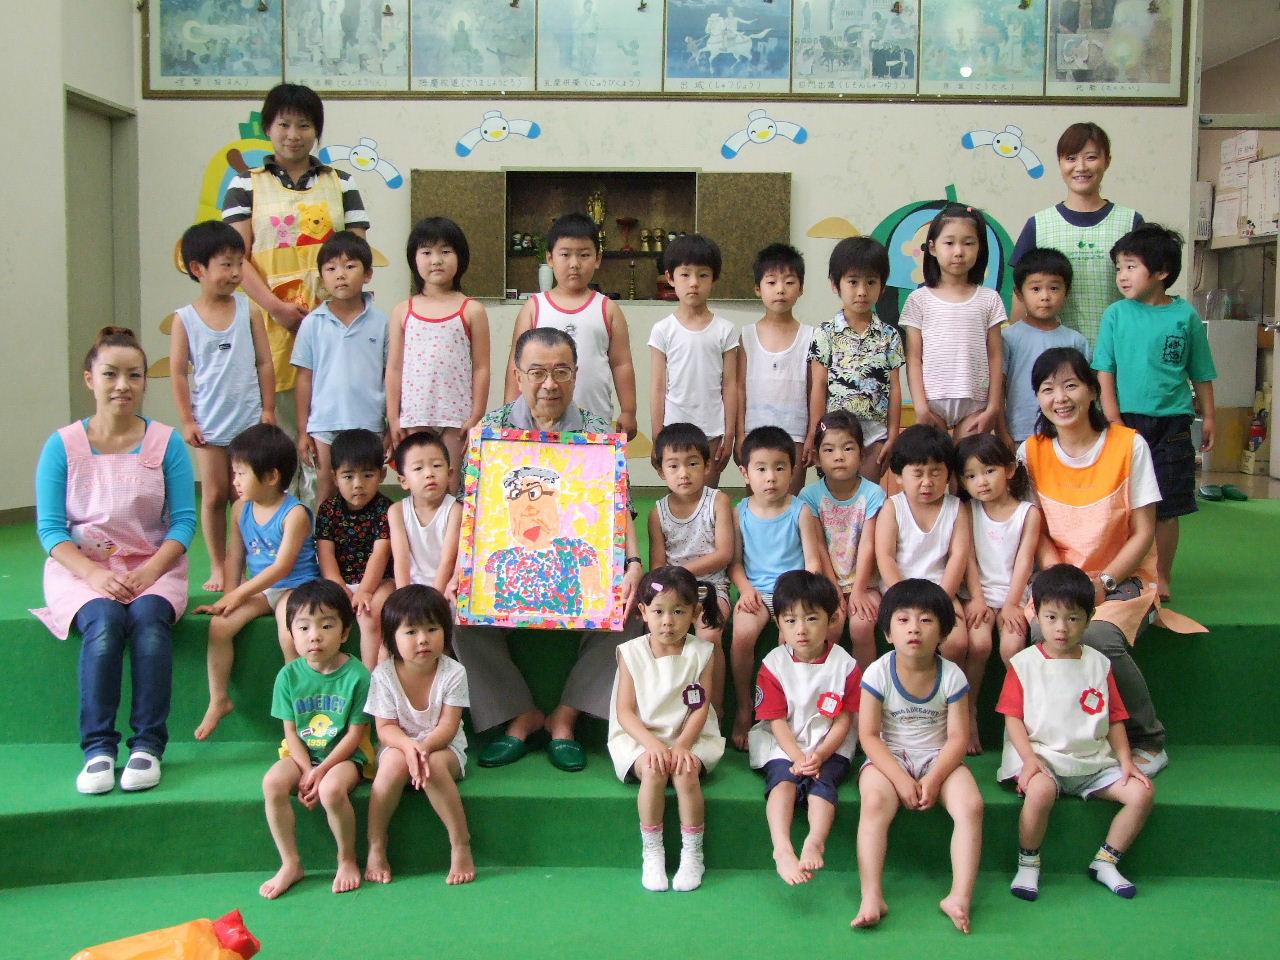 岩手県奥州市・あけぼの幼稚園(2009年12月後半): 「今月の幼稚園」